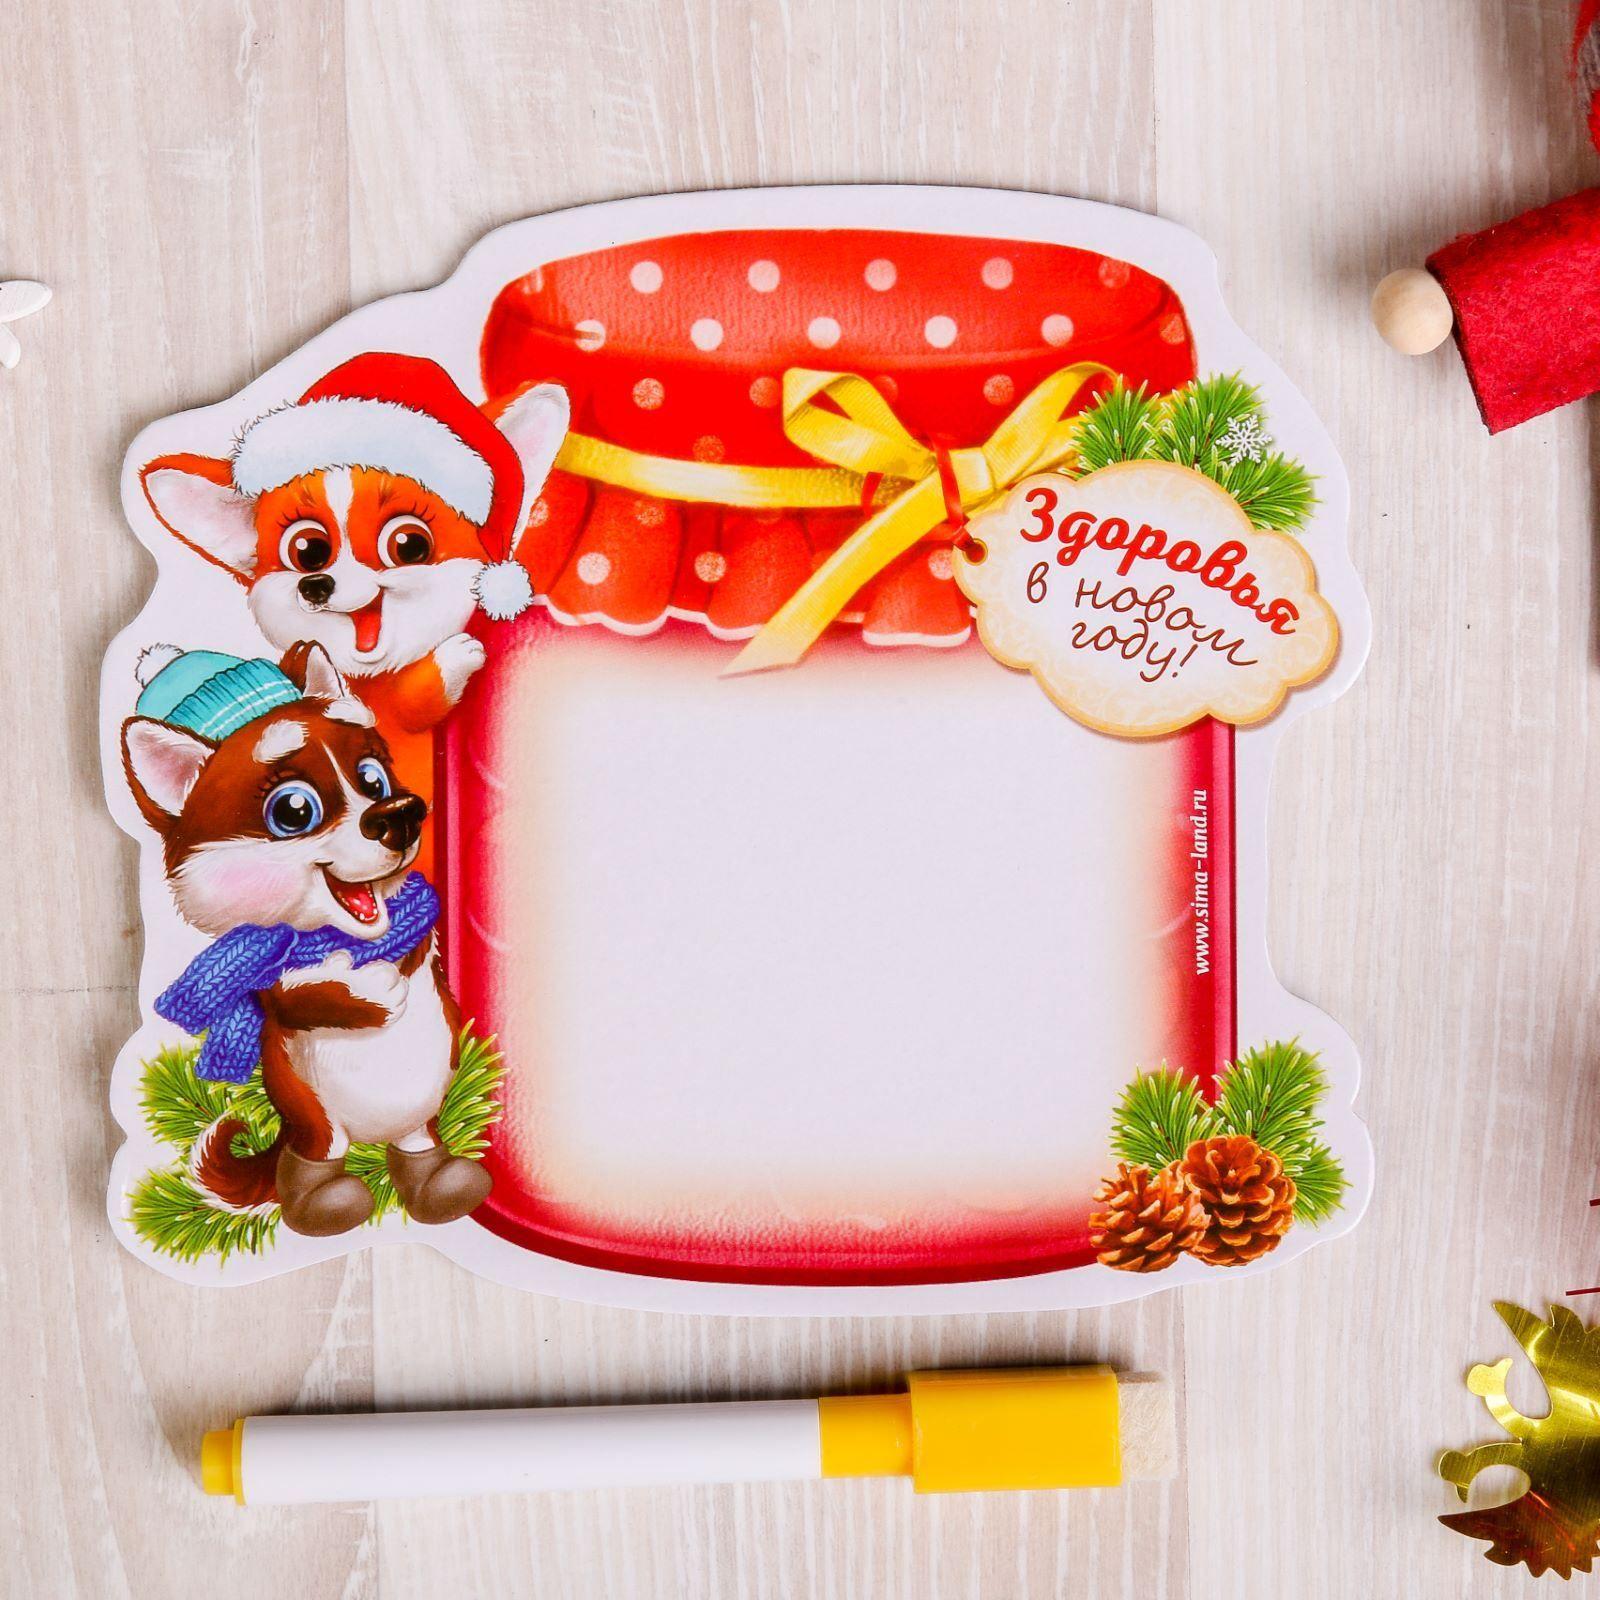 Доска магнитная Sima-land Здоровья в новом году, 15 х 16 см2196220Порадуйте родных и близких оригинальным сувениром: преподнесите в подарок магнит. С ним даже самый серьёзный человек почувствует себя ребёнком, ожидающим чудо! Создайте праздничное настроение, и оно останется с вами на весь год.